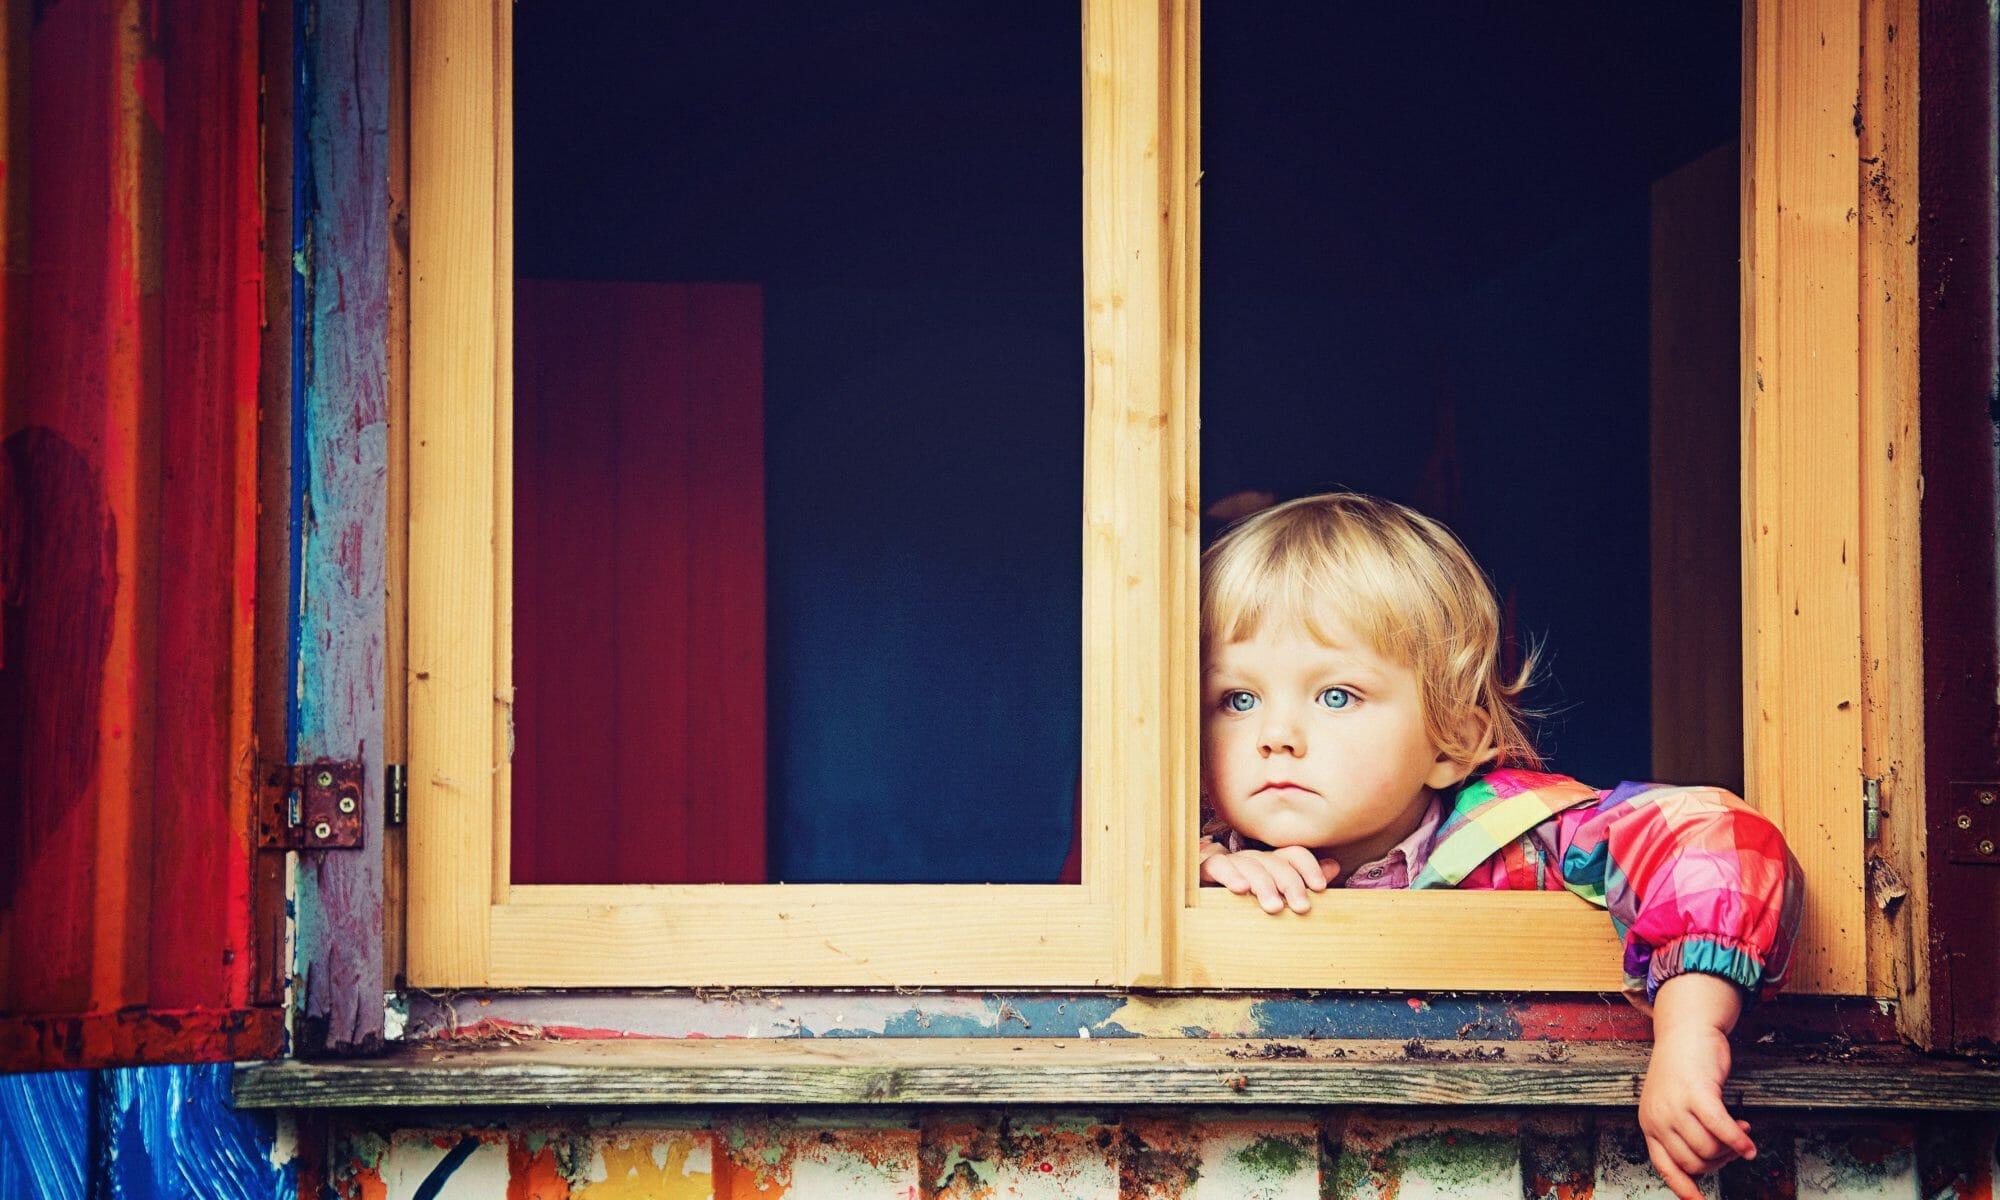 mon enfant bégaie - 2houses